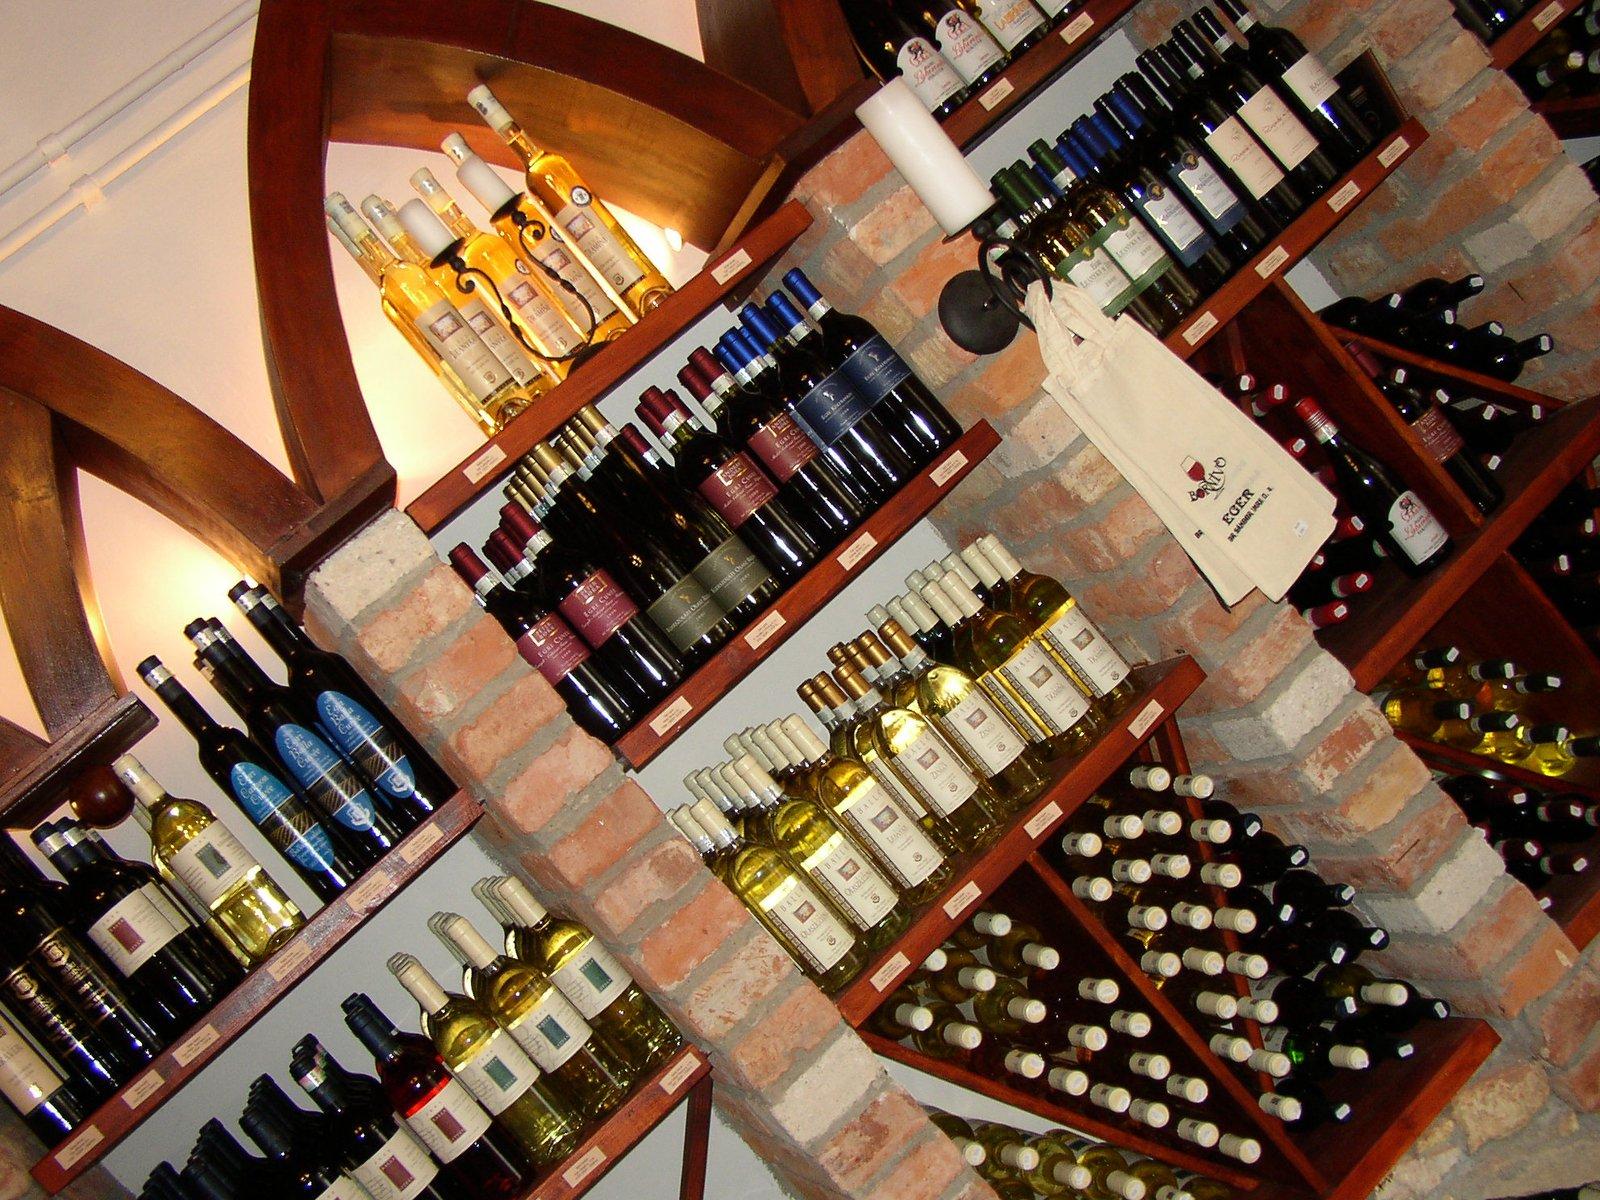 Premiéra košování vína a sýrů